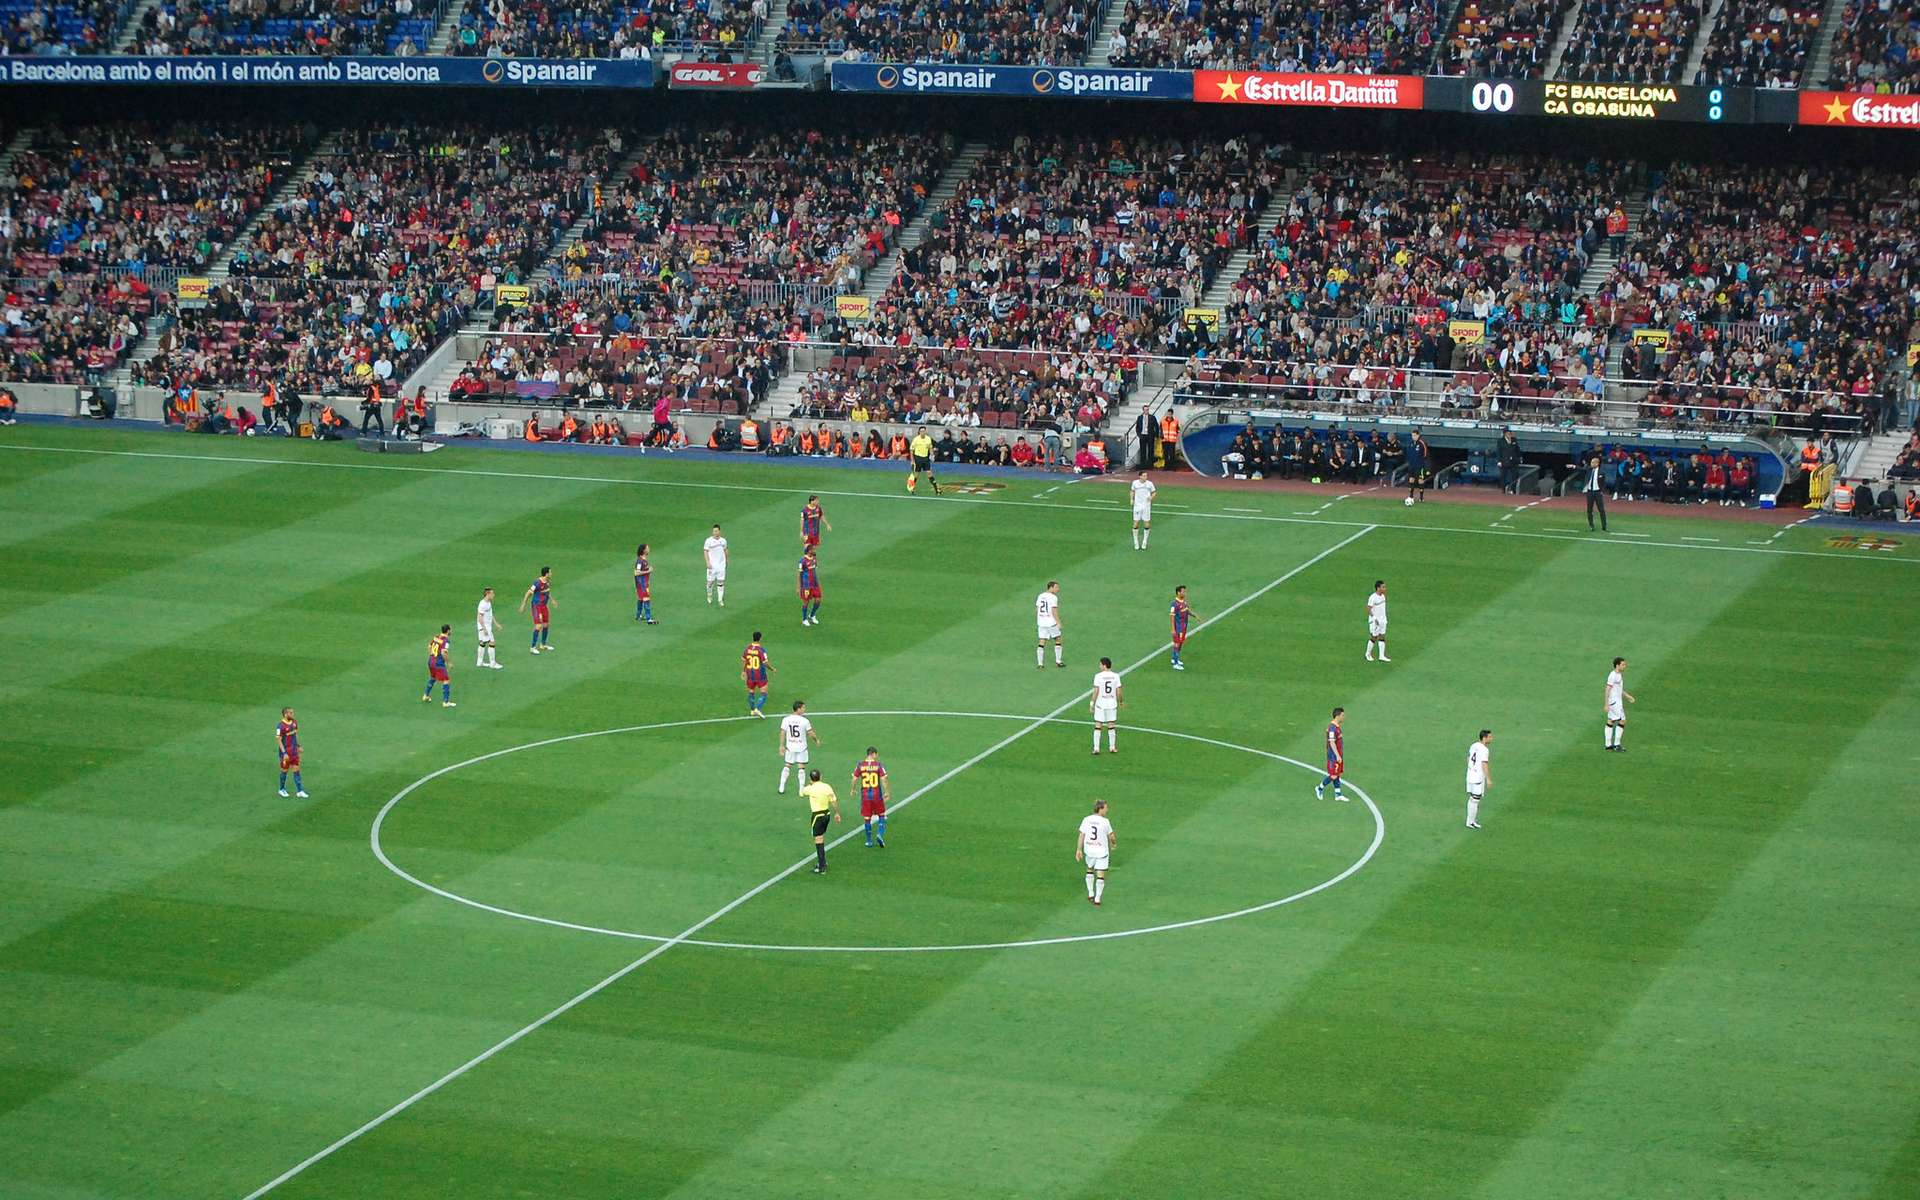 L'équipe du FC Barcelone a mis au point une technique de jeu unique au monde. © Christopher Wagner, Flickr